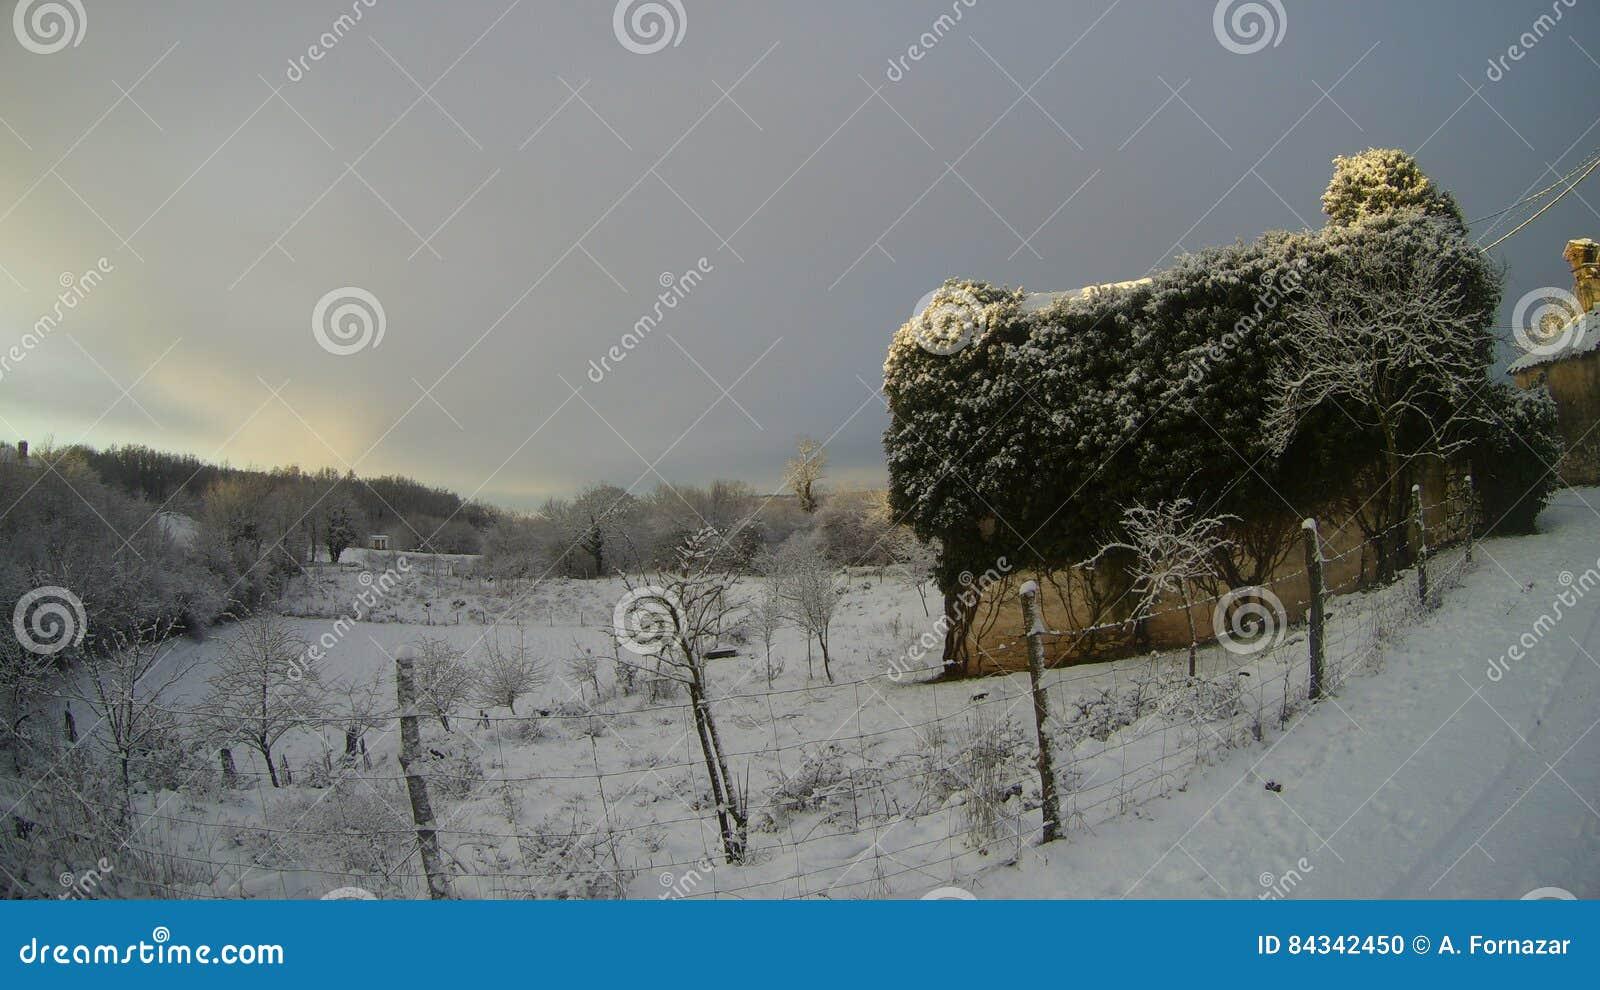 Mittelmeerdorf im Winter